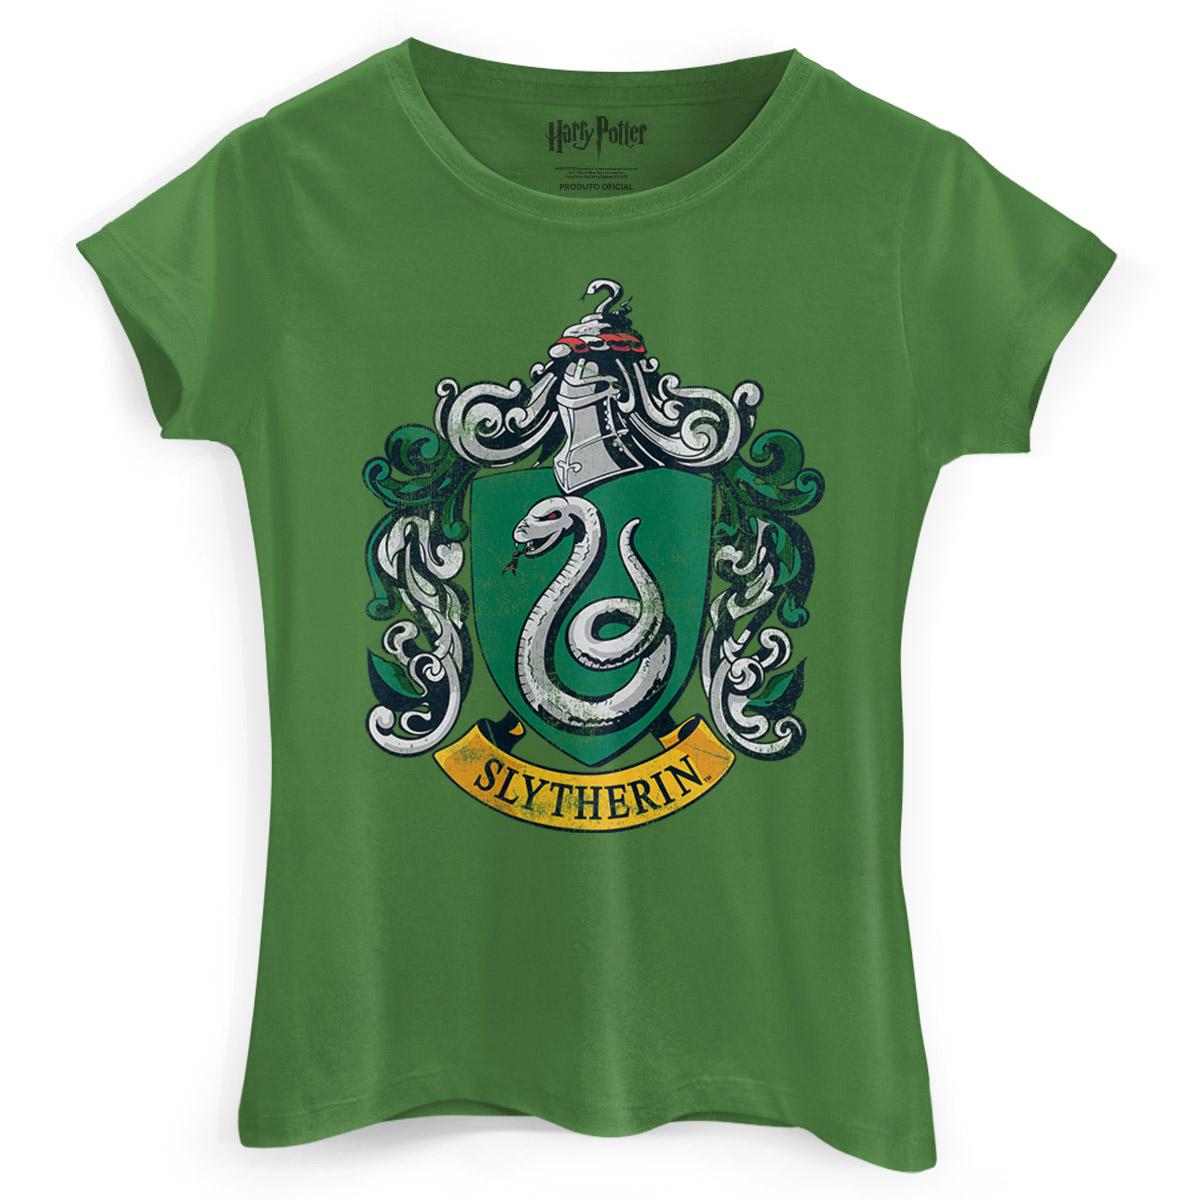 Camiseta Feminina Harry Potter Slytherin